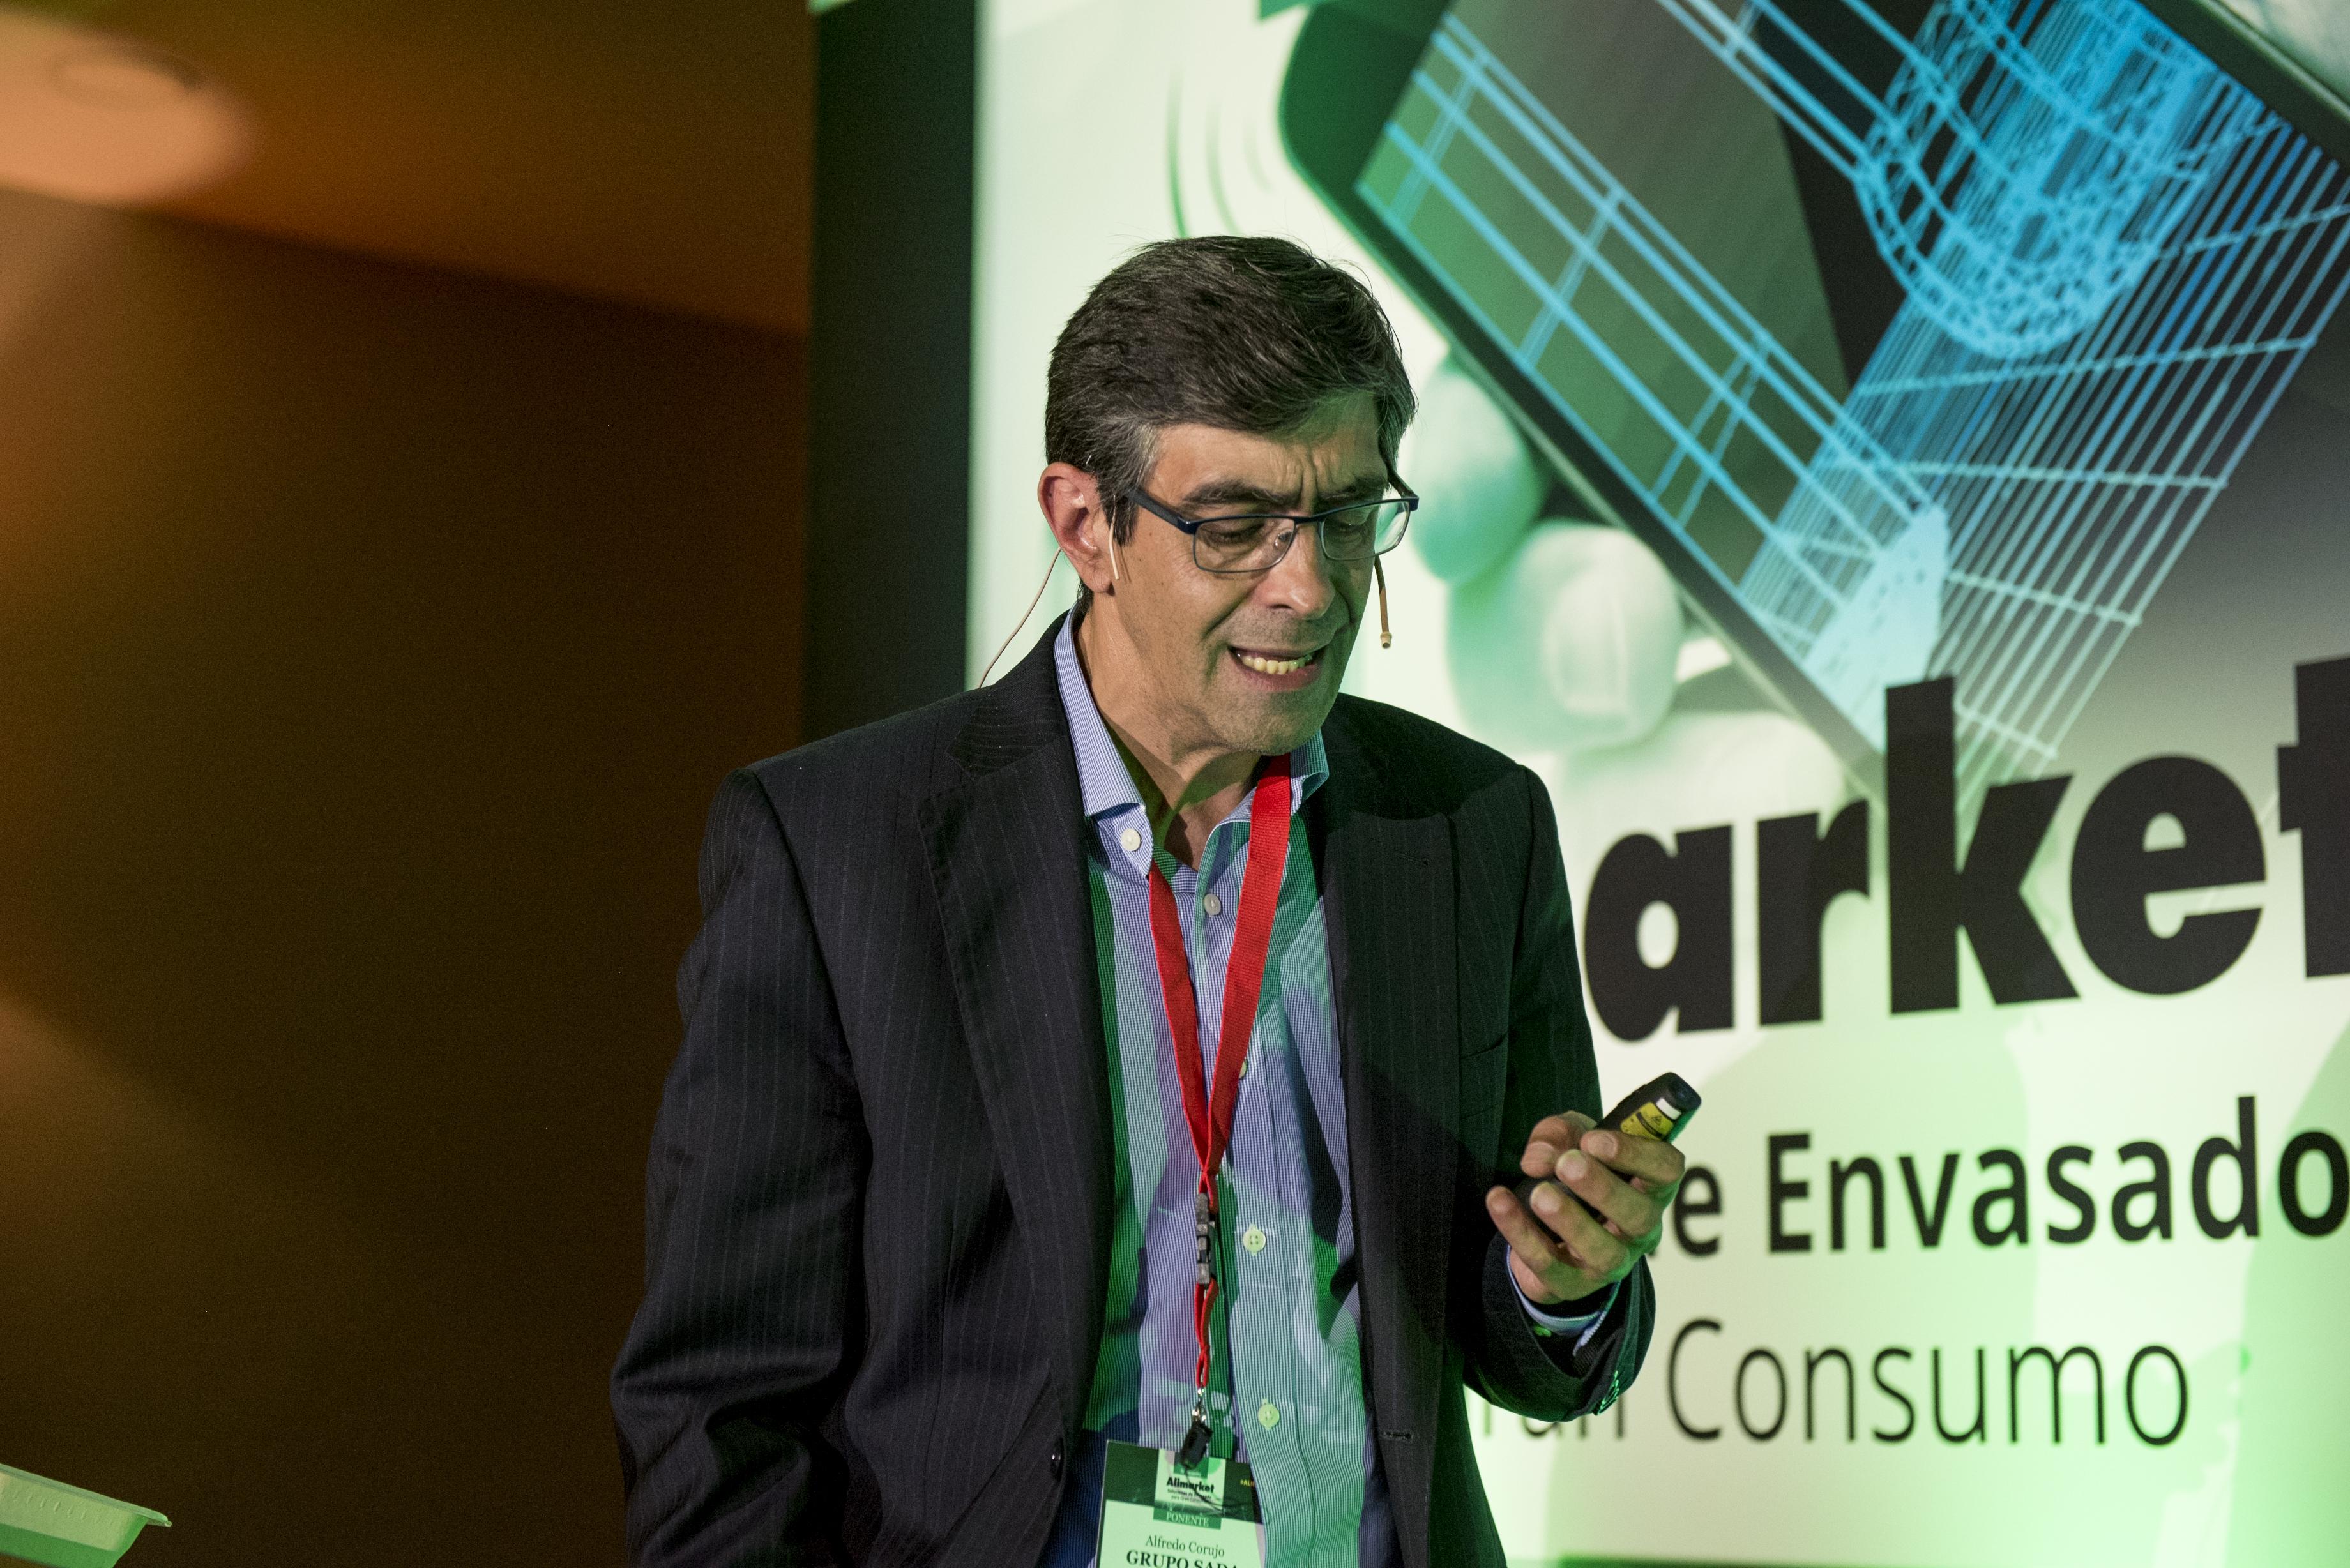 IV Encuentro Alimarket Soluciones de Envasado para Gran Consumo: El reto de la transformación en la era digital